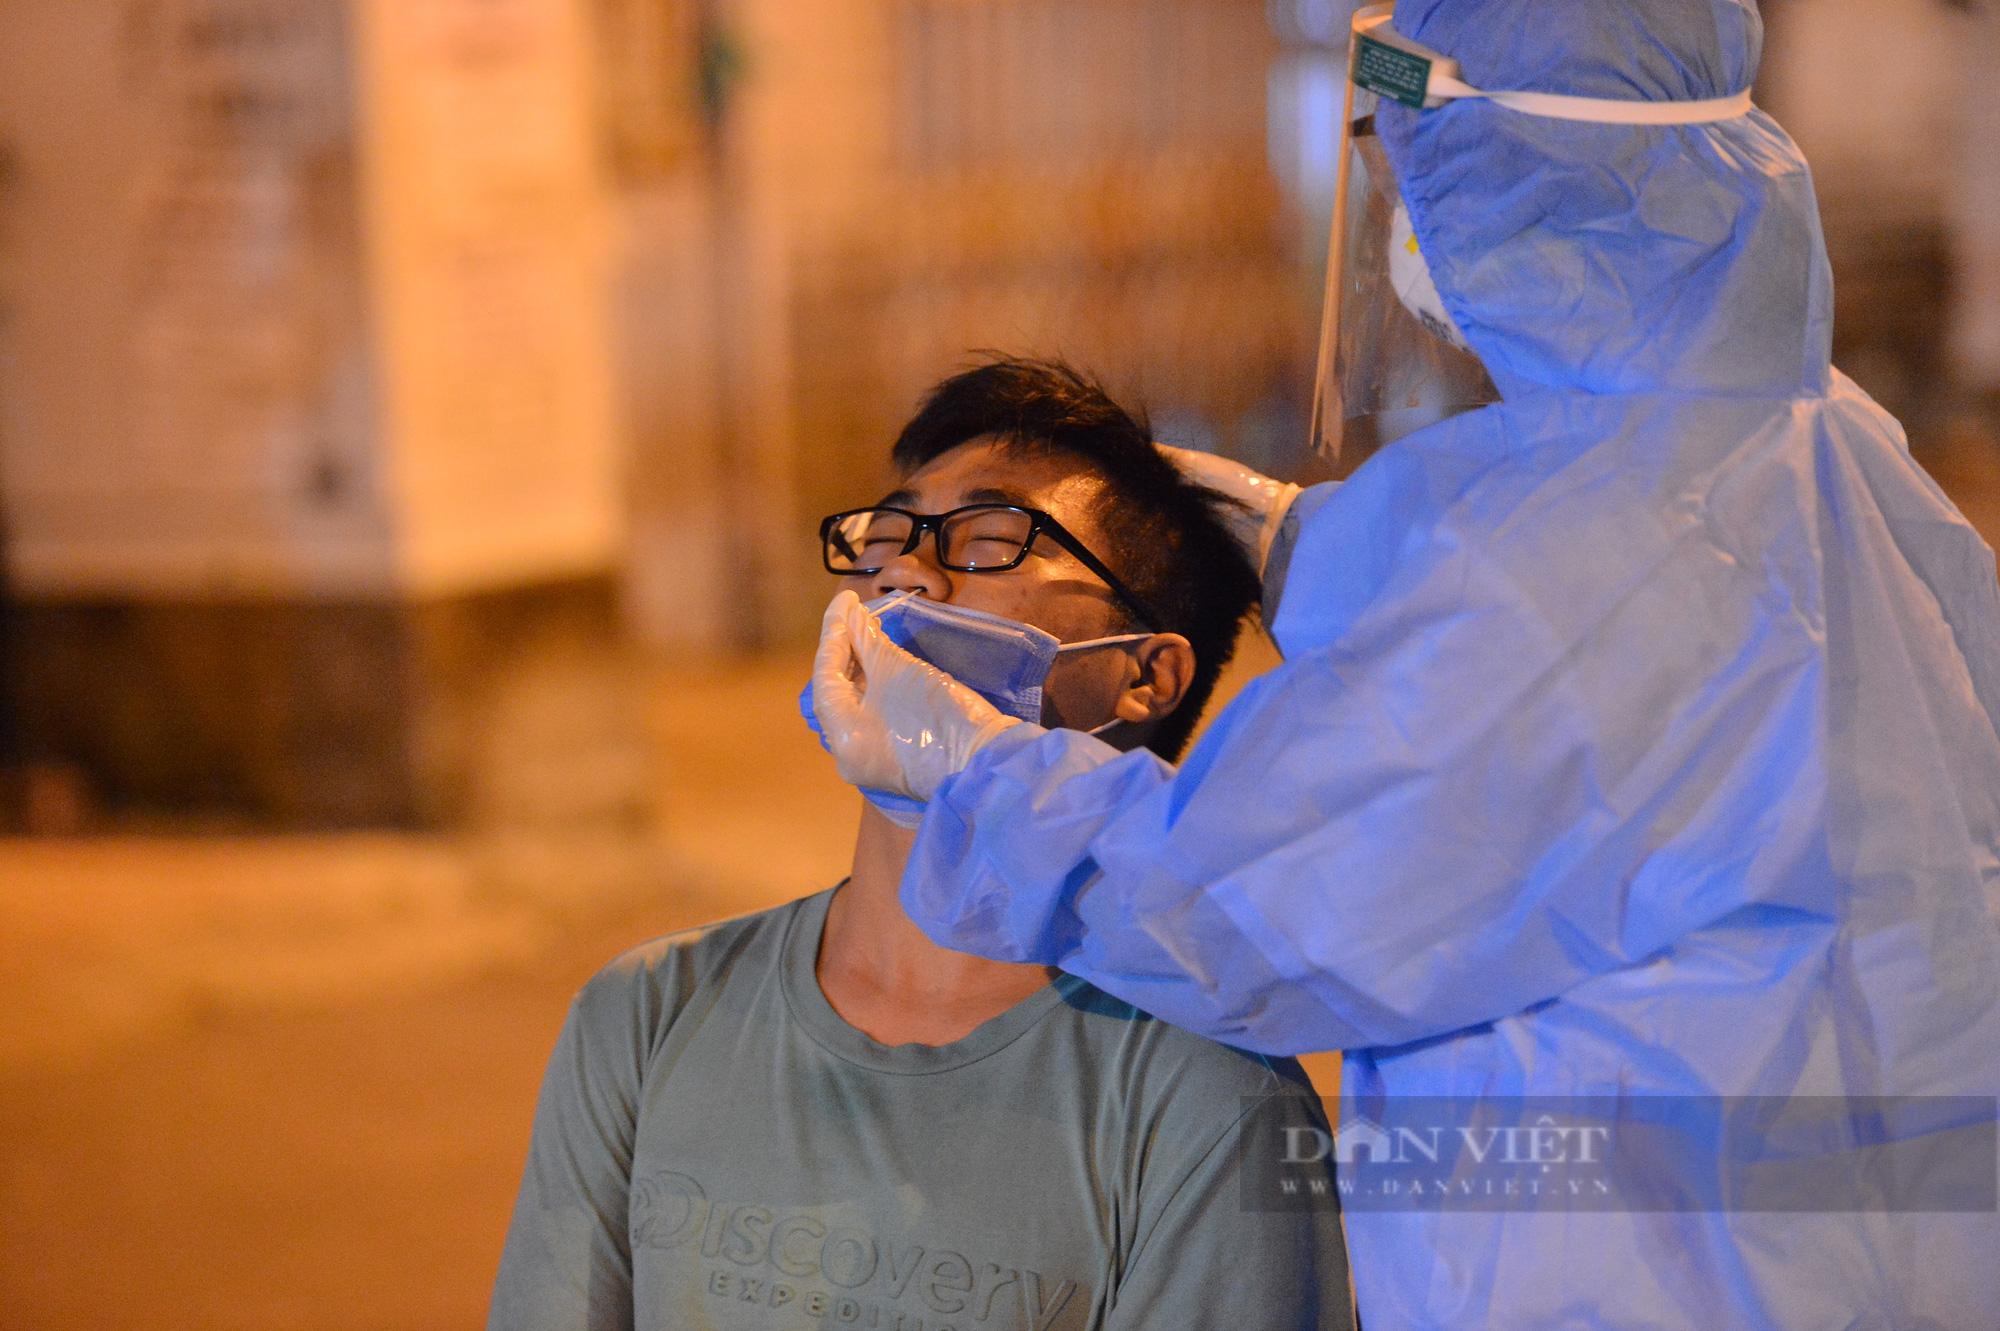 Thần tốc lấy 5.000 mẫu xét nghiệm trong đêm sau khi phát hiện 9 F0 tại quận Long Biên - Ảnh 5.